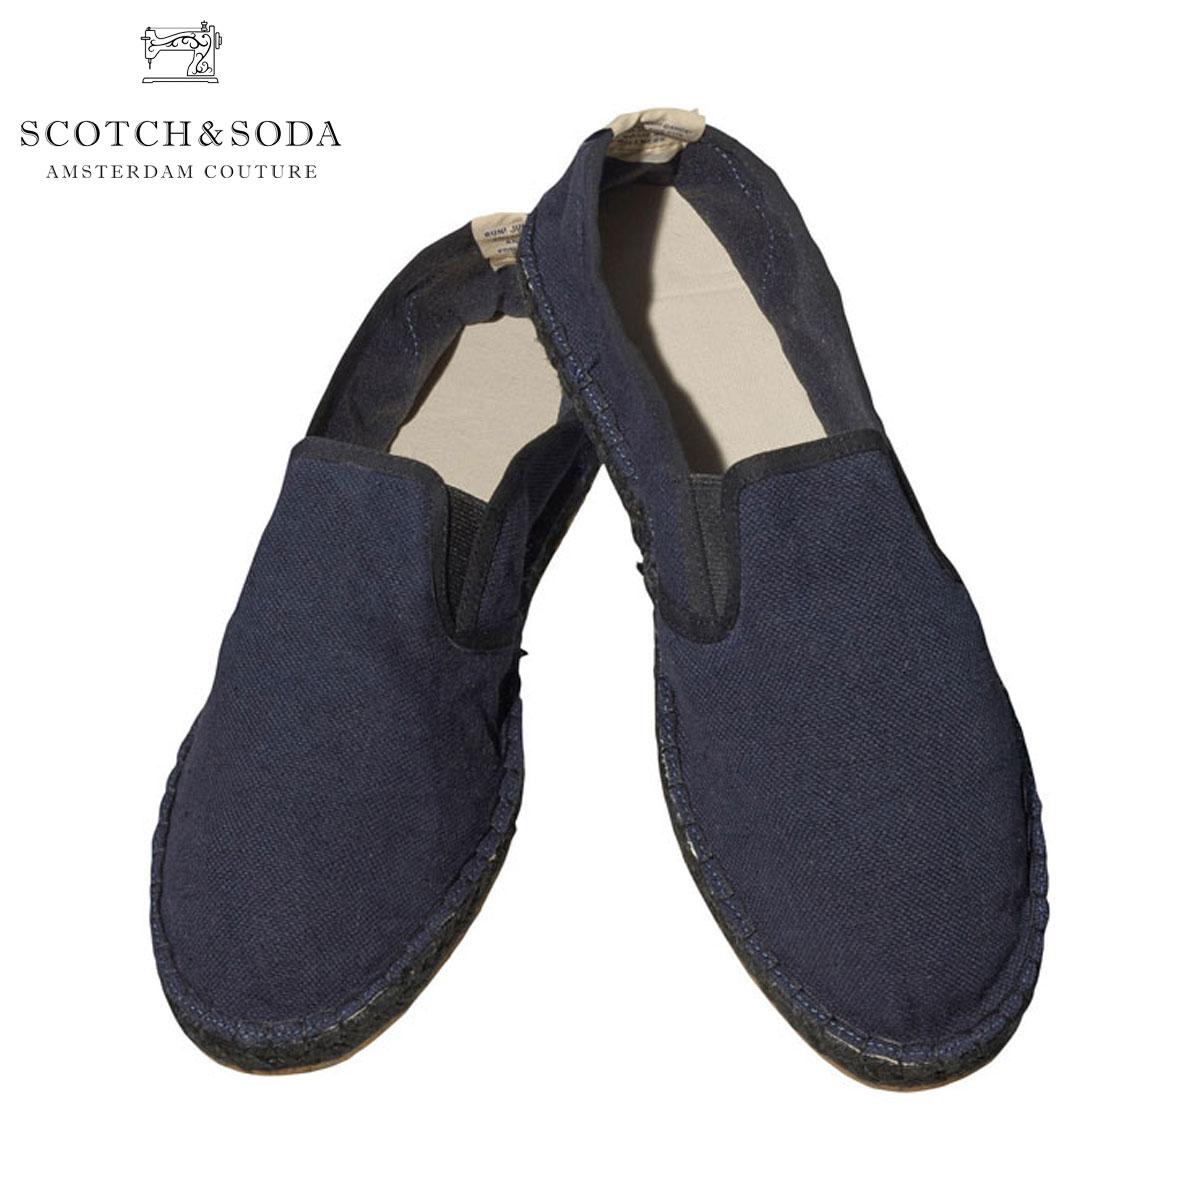 スコッチアンドソーダ SCOTCH&SODA 正規販売店 メンズ シューズ Canvas espadrille. Sold in a bag 130962 51 D00S15